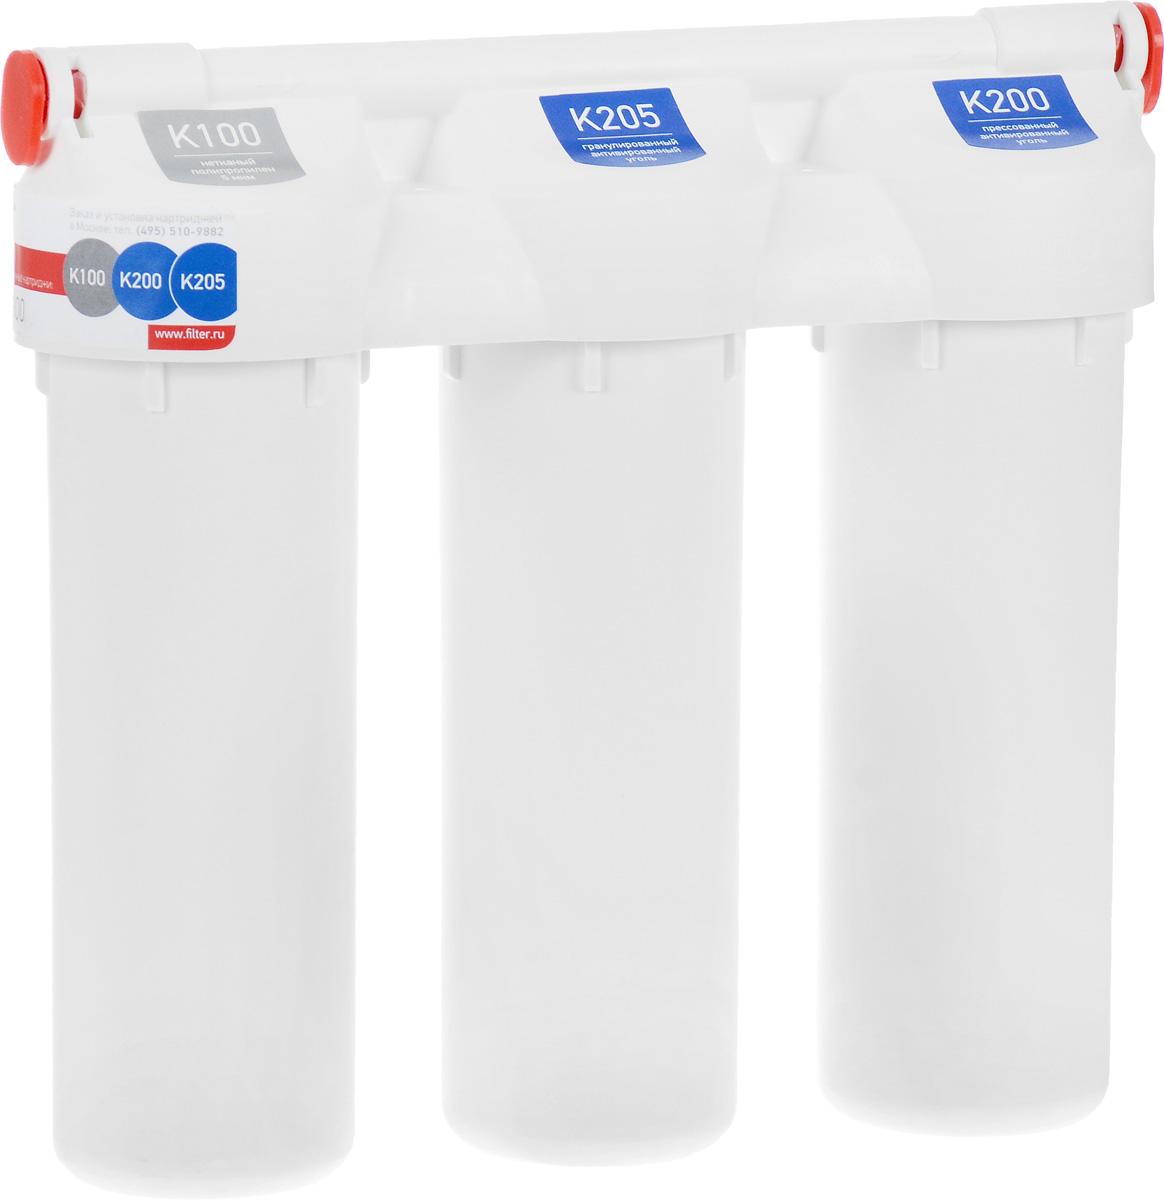 Фильтр под мойку Prio Praktic, для сильно хлорированной водыEU 200Фильтр под мойку Prio Praktic обеспечивает универсальную очистку водопроводной воды от распространенных загрязнителей: механических примесей (ржавчины, ила, песка), свободного хлора, хлорорганических соединений, пестицидов, гербицидов, сельскохозяйственных удобрений и продуктов их распада, фенолов, нефтепродуктов, алюминия, тяжелых металлов, радиоактивных элементов и иных органических и неорганических веществ. Устраняет неприятные запахи, улучшает вкус воды. Рекомендуется для регионов с водой, характеризующейся нормальным и пониженным содержанием солей жесткости.Выдерживает давление воды до 28 Атм.В комплект уже входят картриджи, отдельный кран для очищенной воды и все необходимое для быстрой установки фильтра на месте эксплуатации.Установленные картриджи:Картридж механической очистки K100. Нетканый полимер 5 мкм.Сорбционный картридж K205. Гранулированный активированный уголь из скорлупы кокосового ореха.Сорбционный картридж K200. Прессованный активированный уголь.